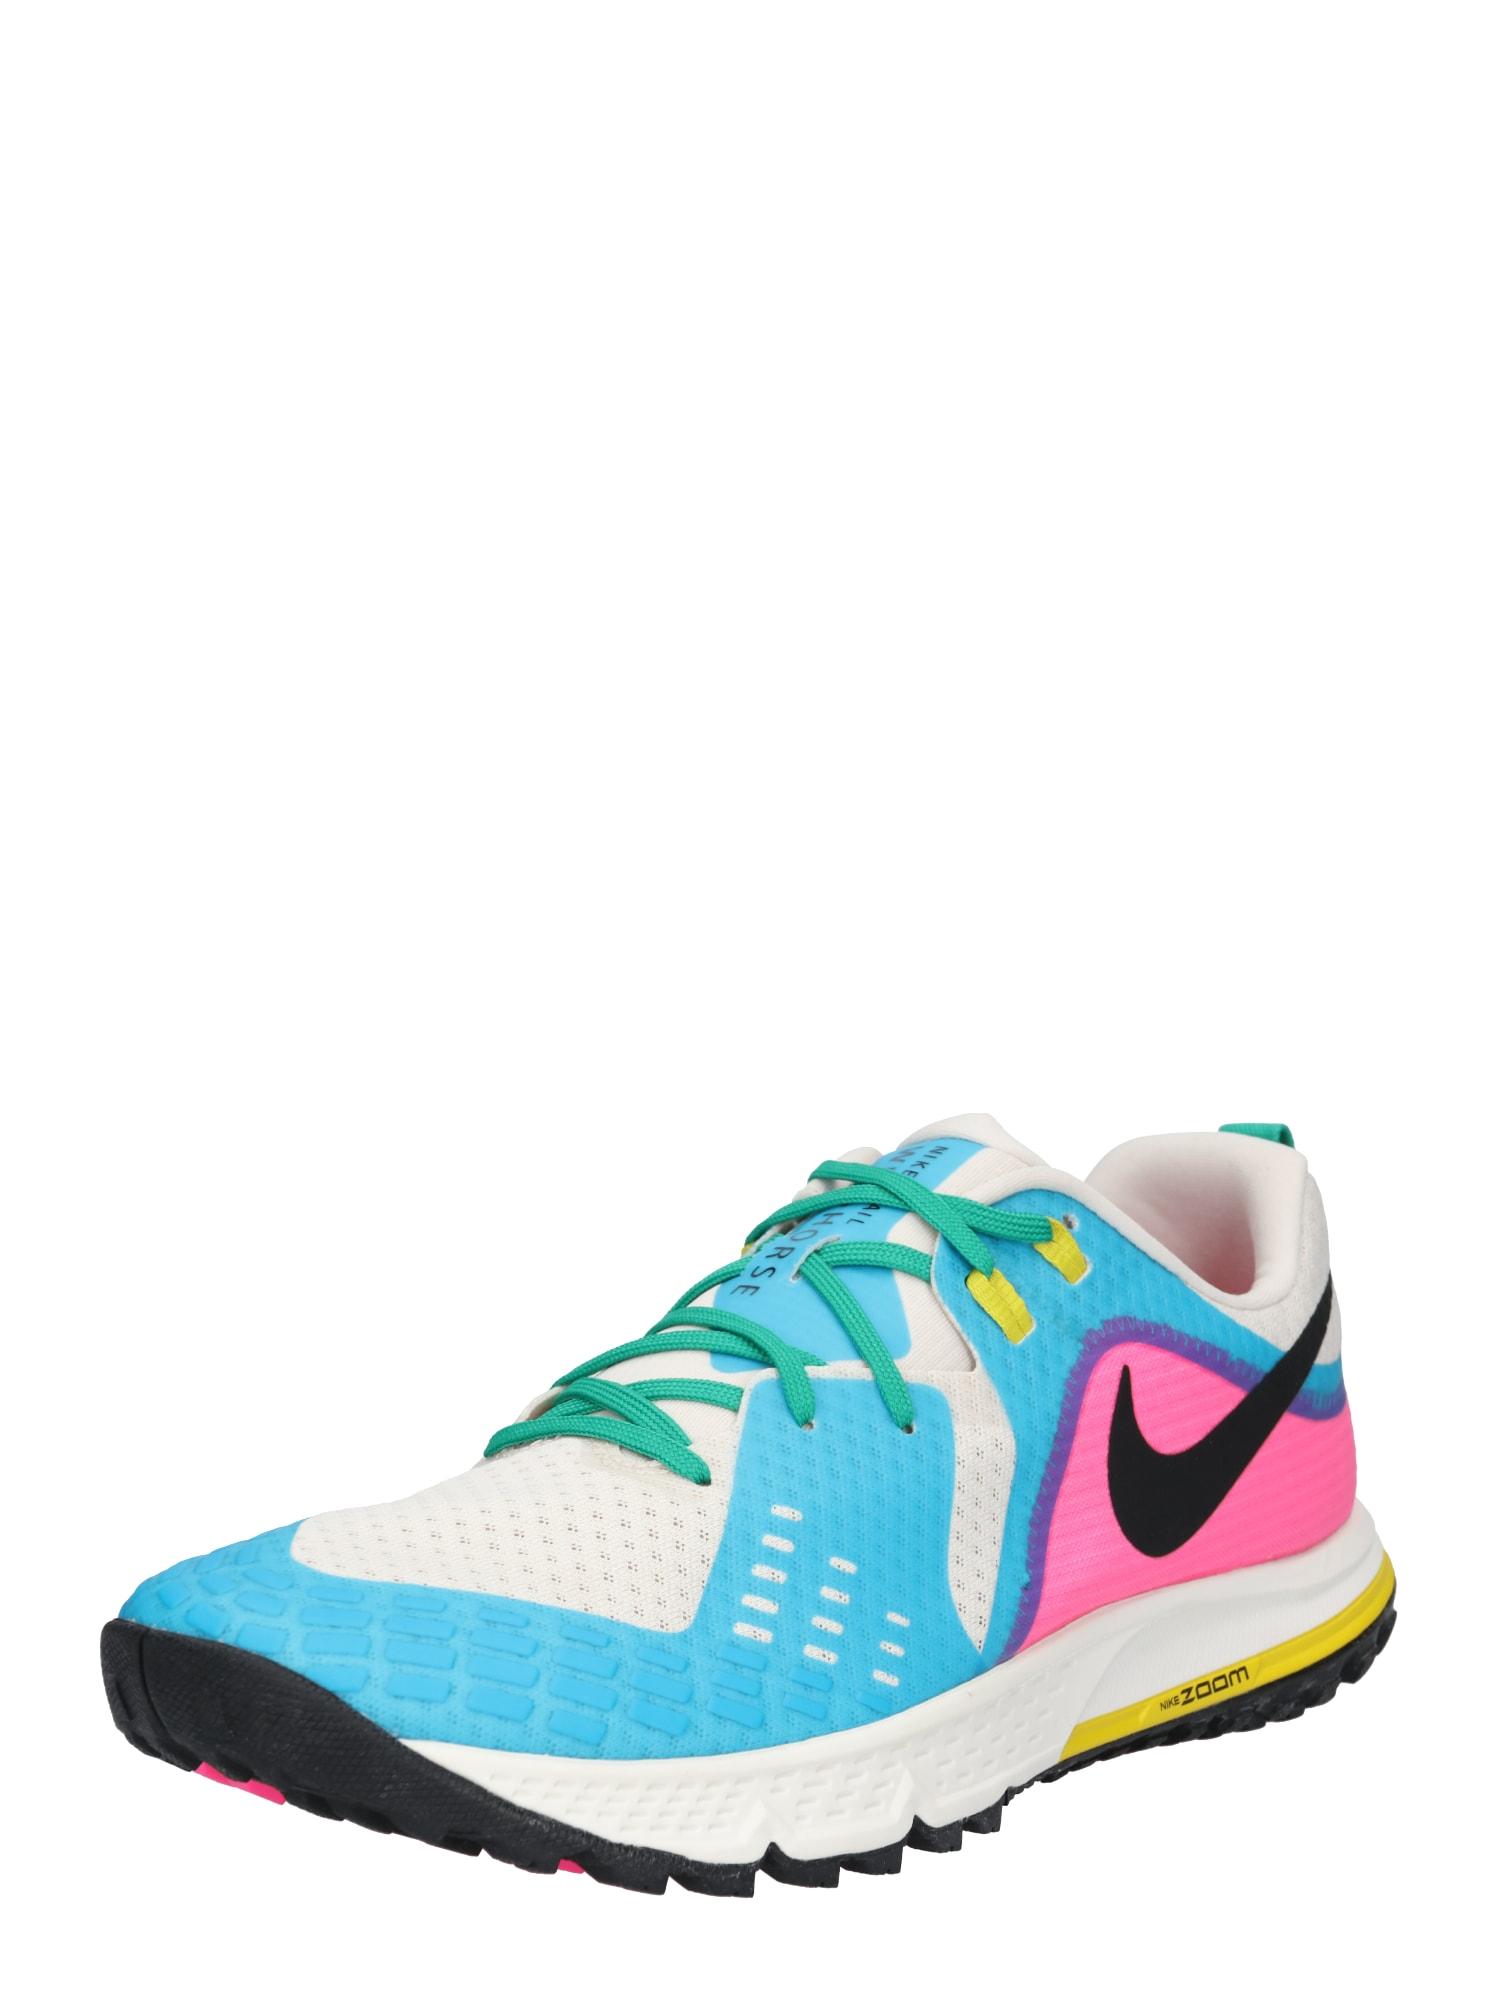 Běžecká obuv AIR ZOOM WILDHORSE 5 modrá pink bílá NIKE